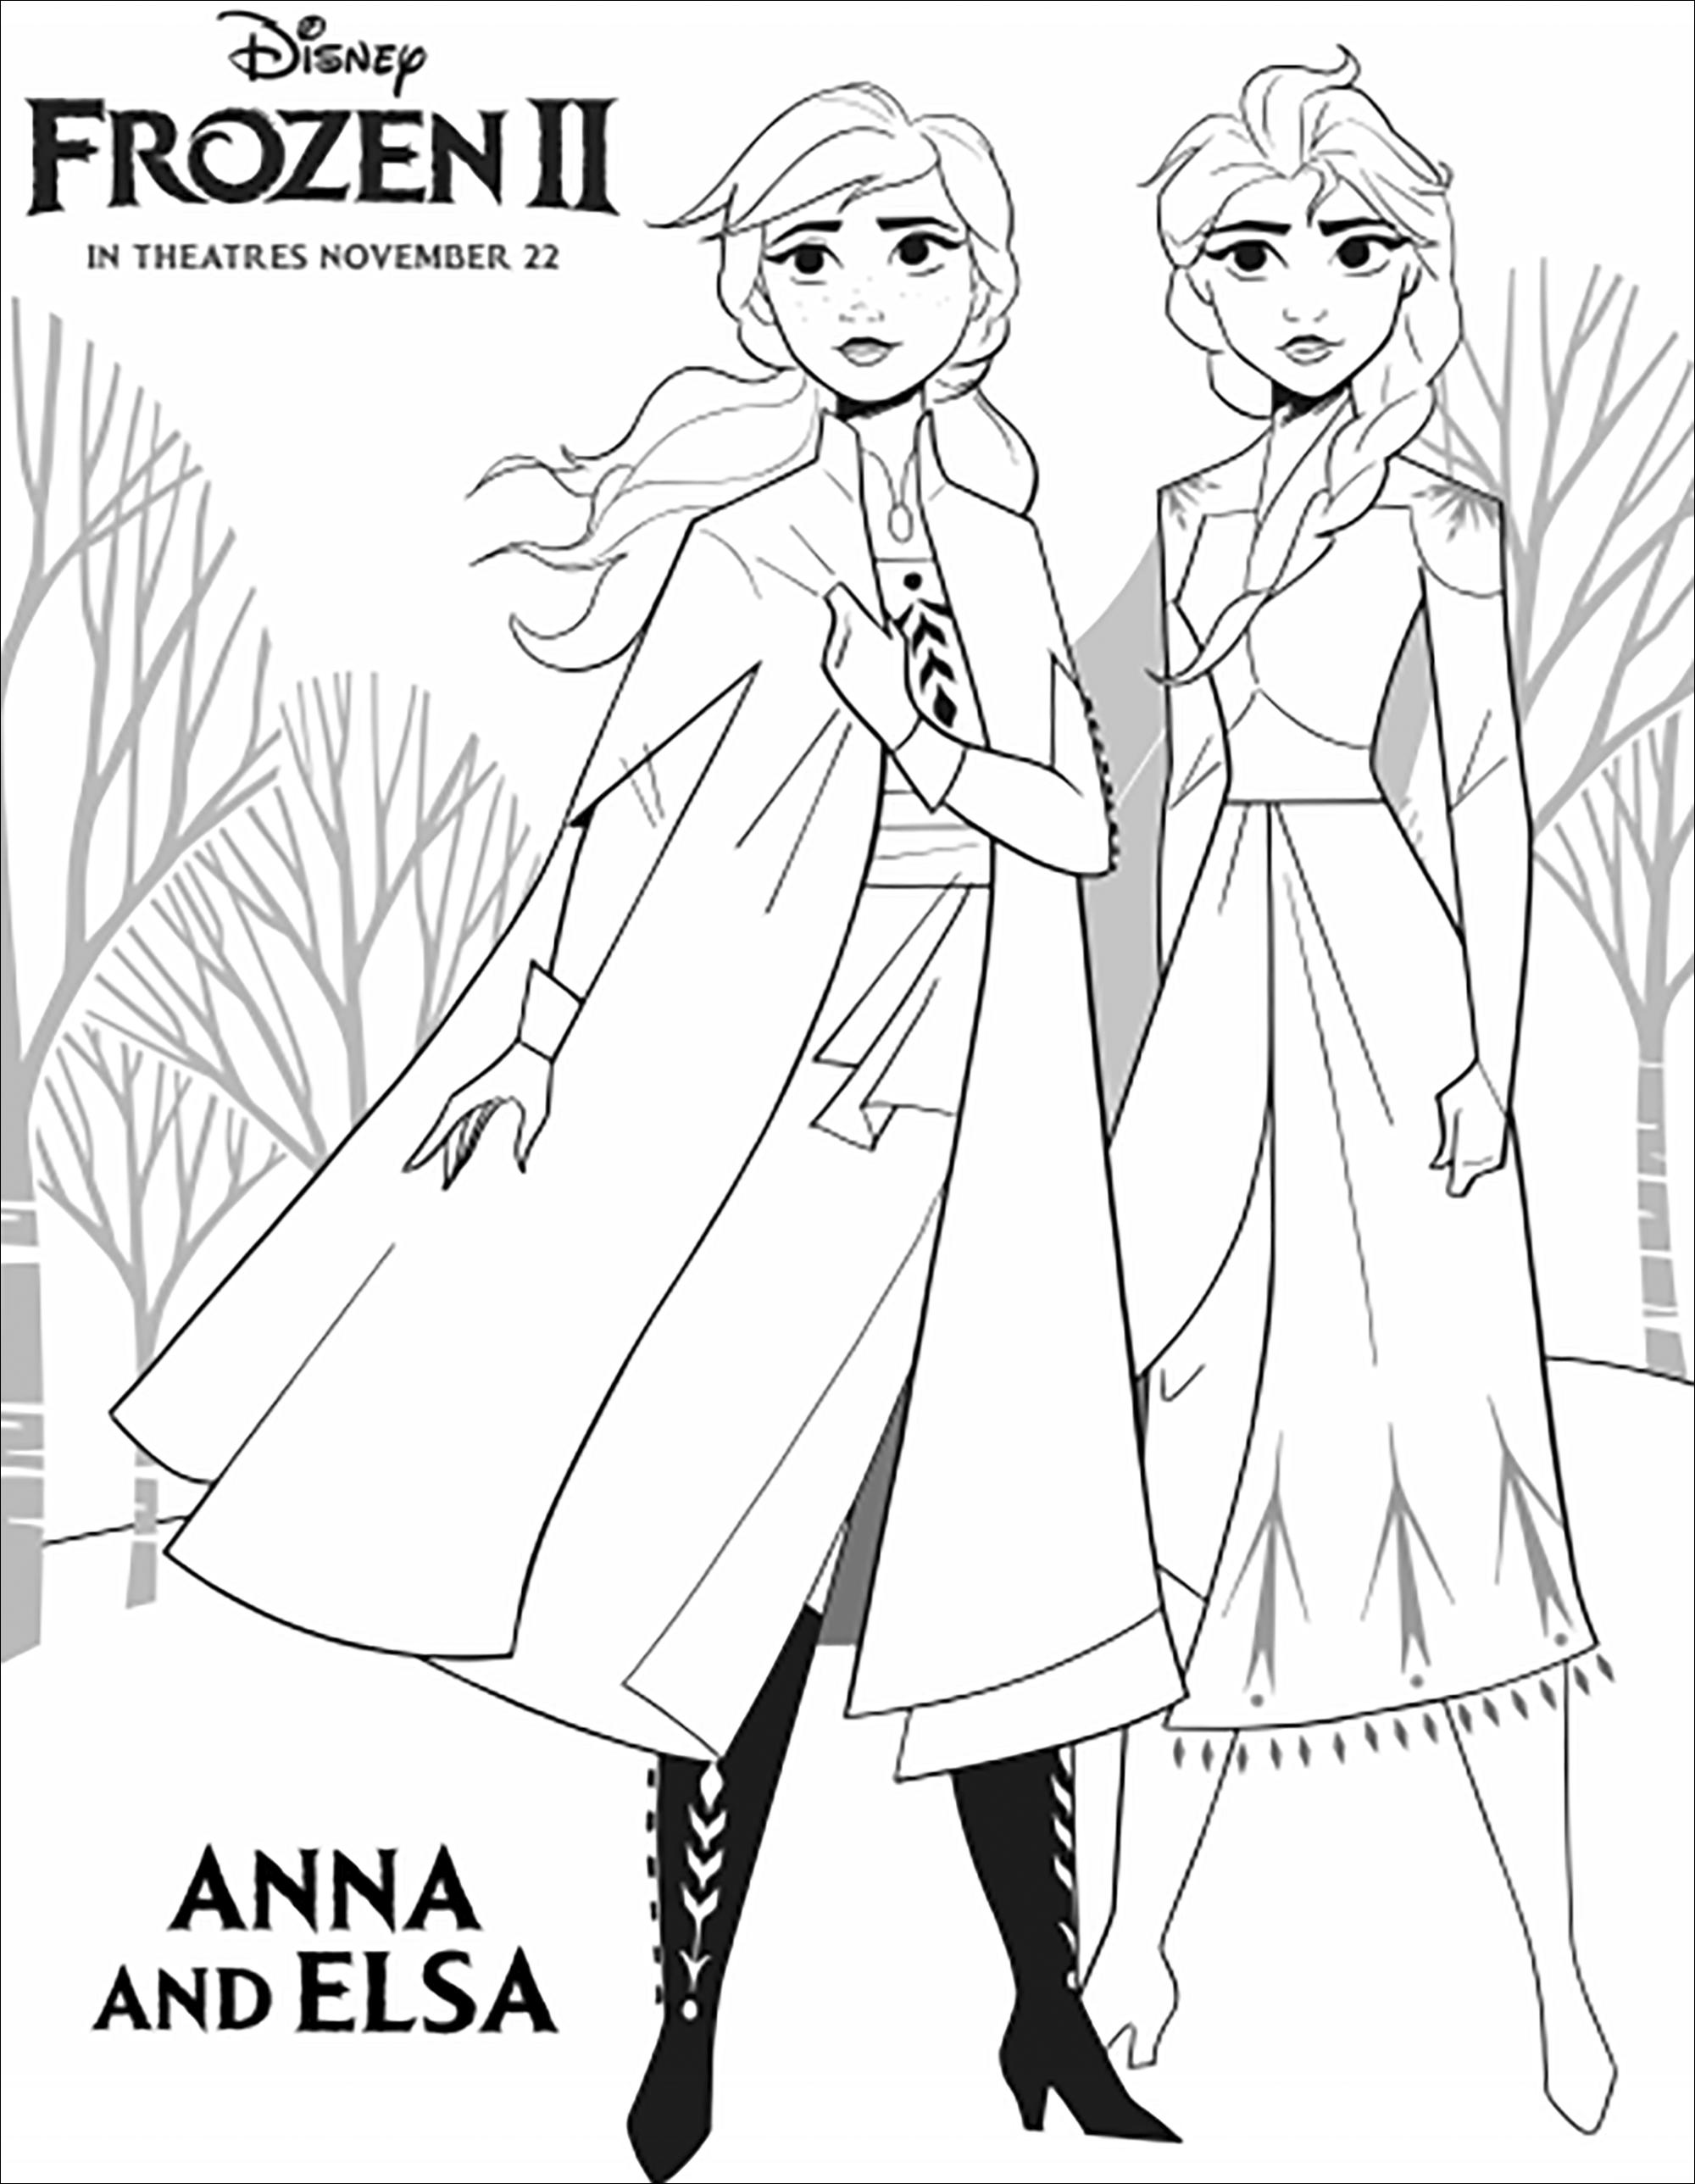 La Reine Des Neiges 2 Elsa Et Anna Avec Texte Coloriage La